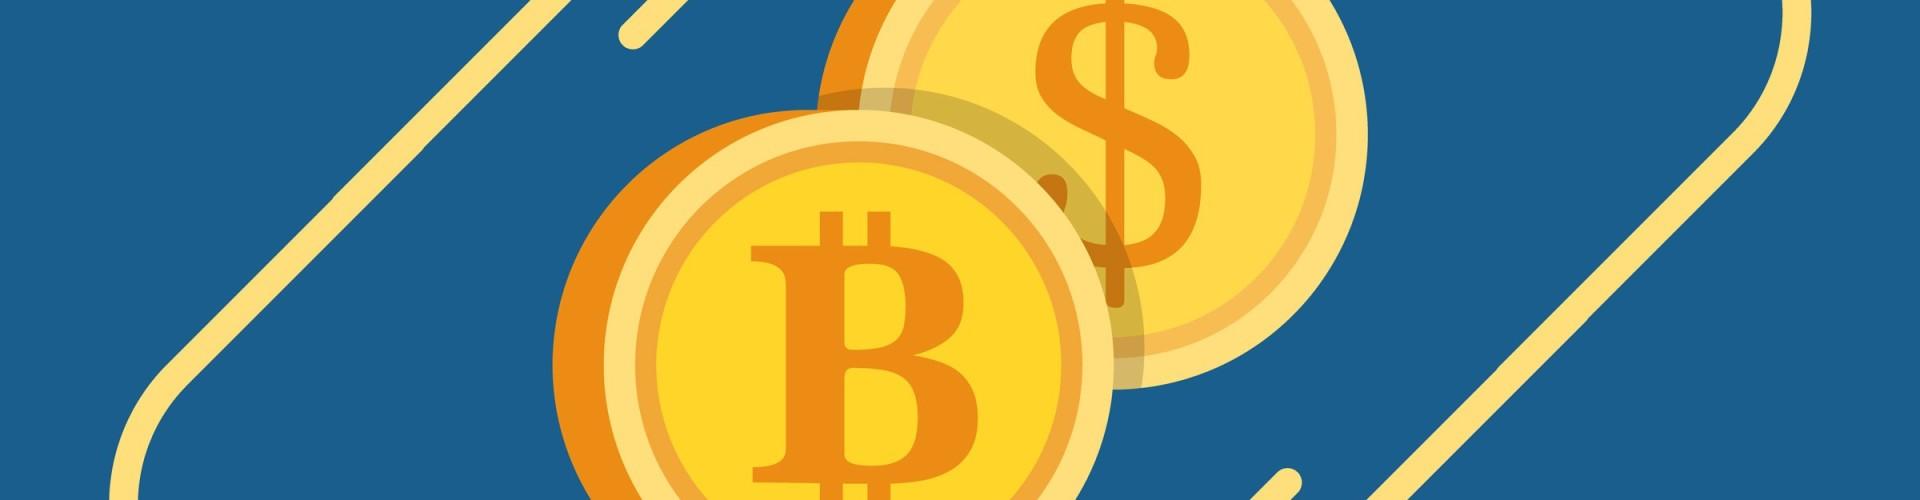 CEDCryptoCoin